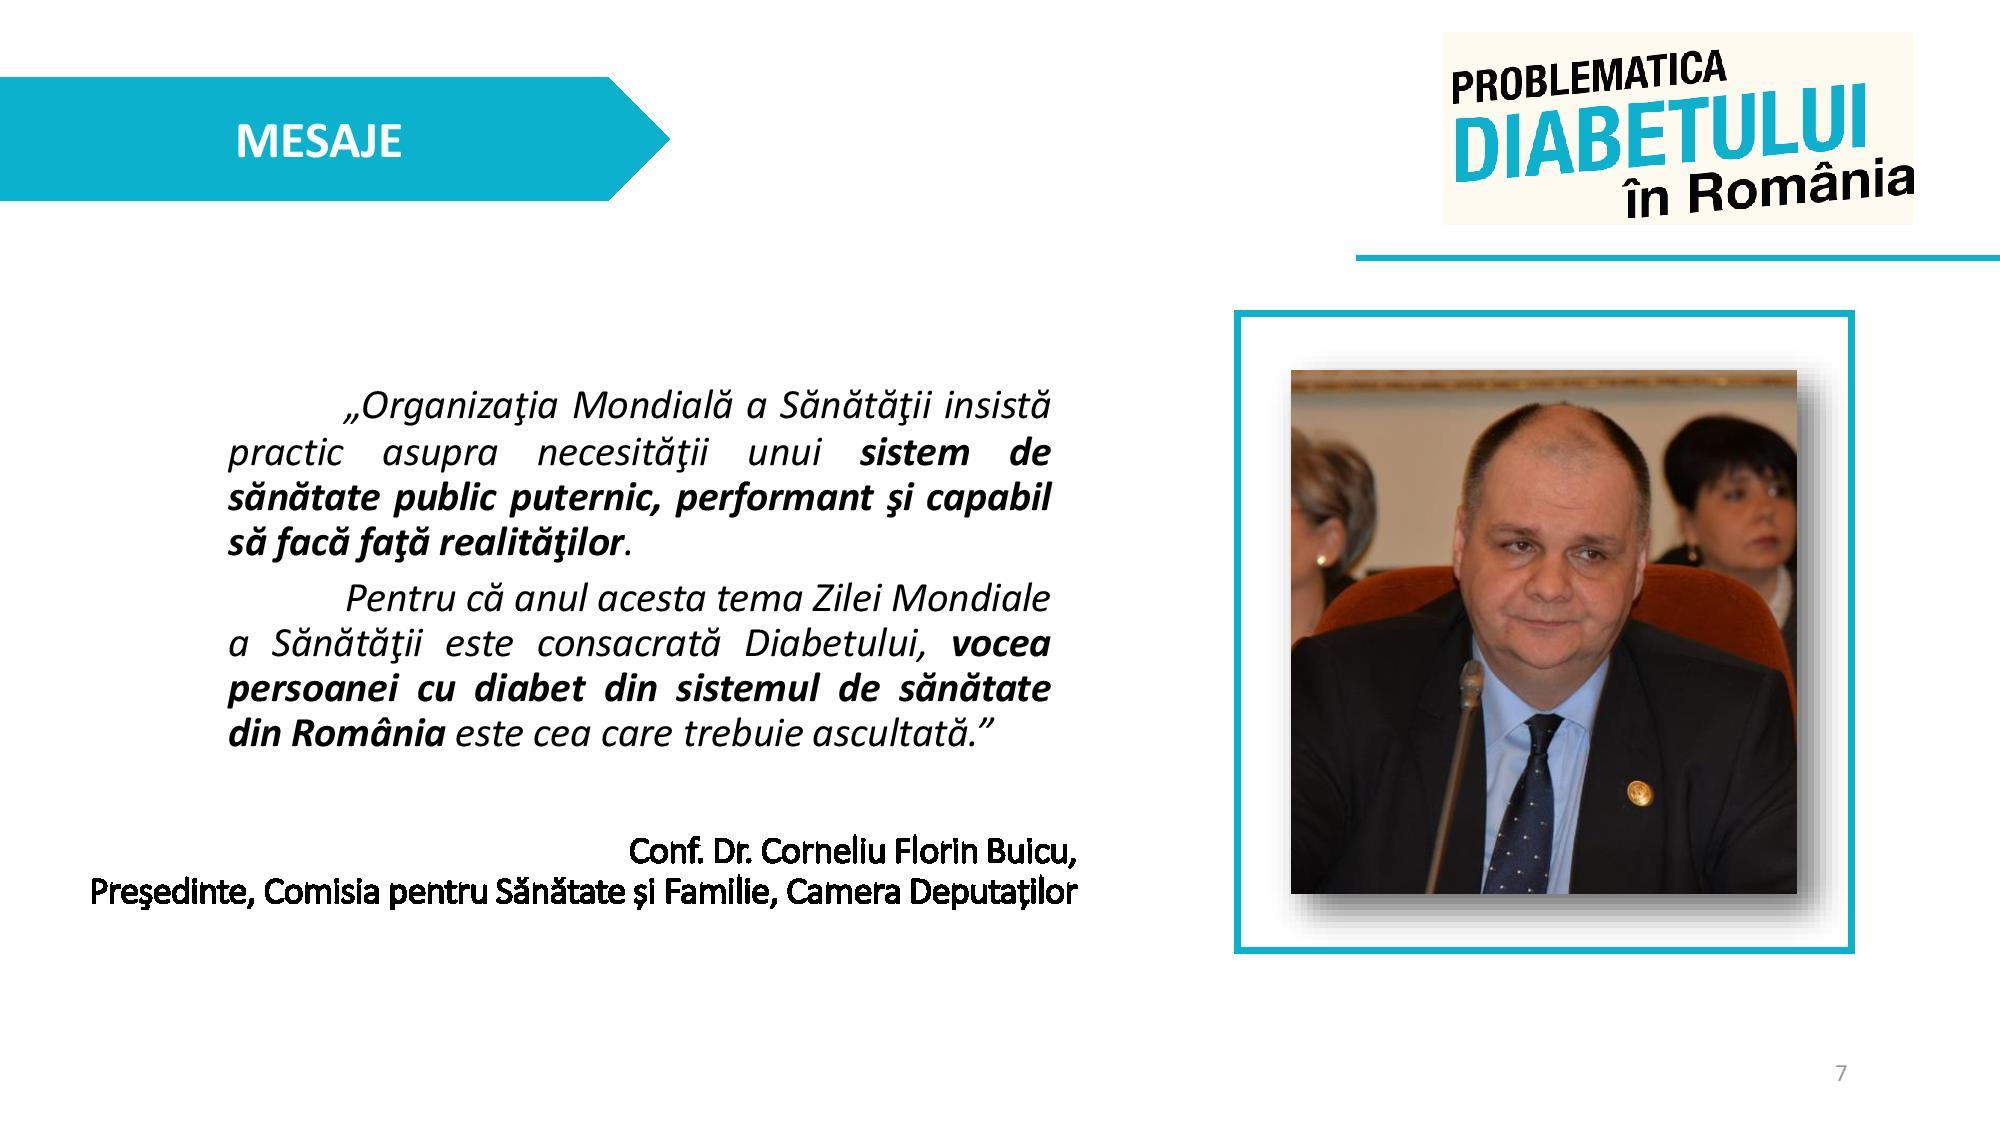 Problematica Diabetului in Romania 2016-page-007